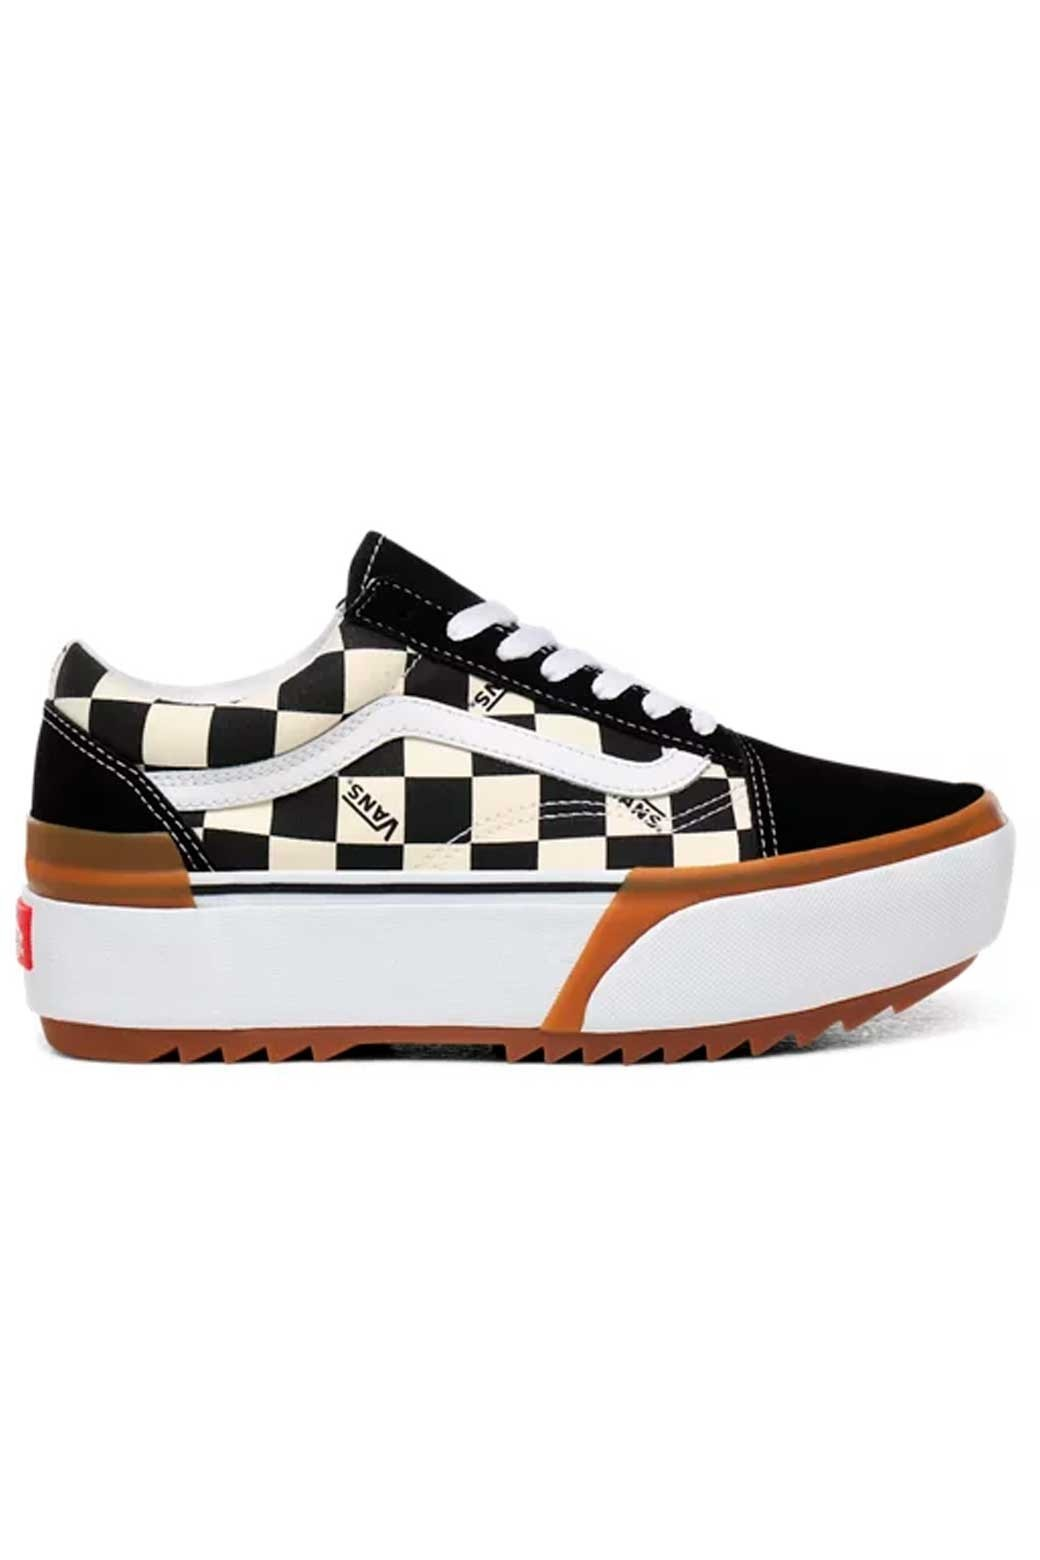 tiempo familia Trasplante  Vans - Zapatillas para mujer Negra y Blanca - Old Skool Stacked Checkerboard